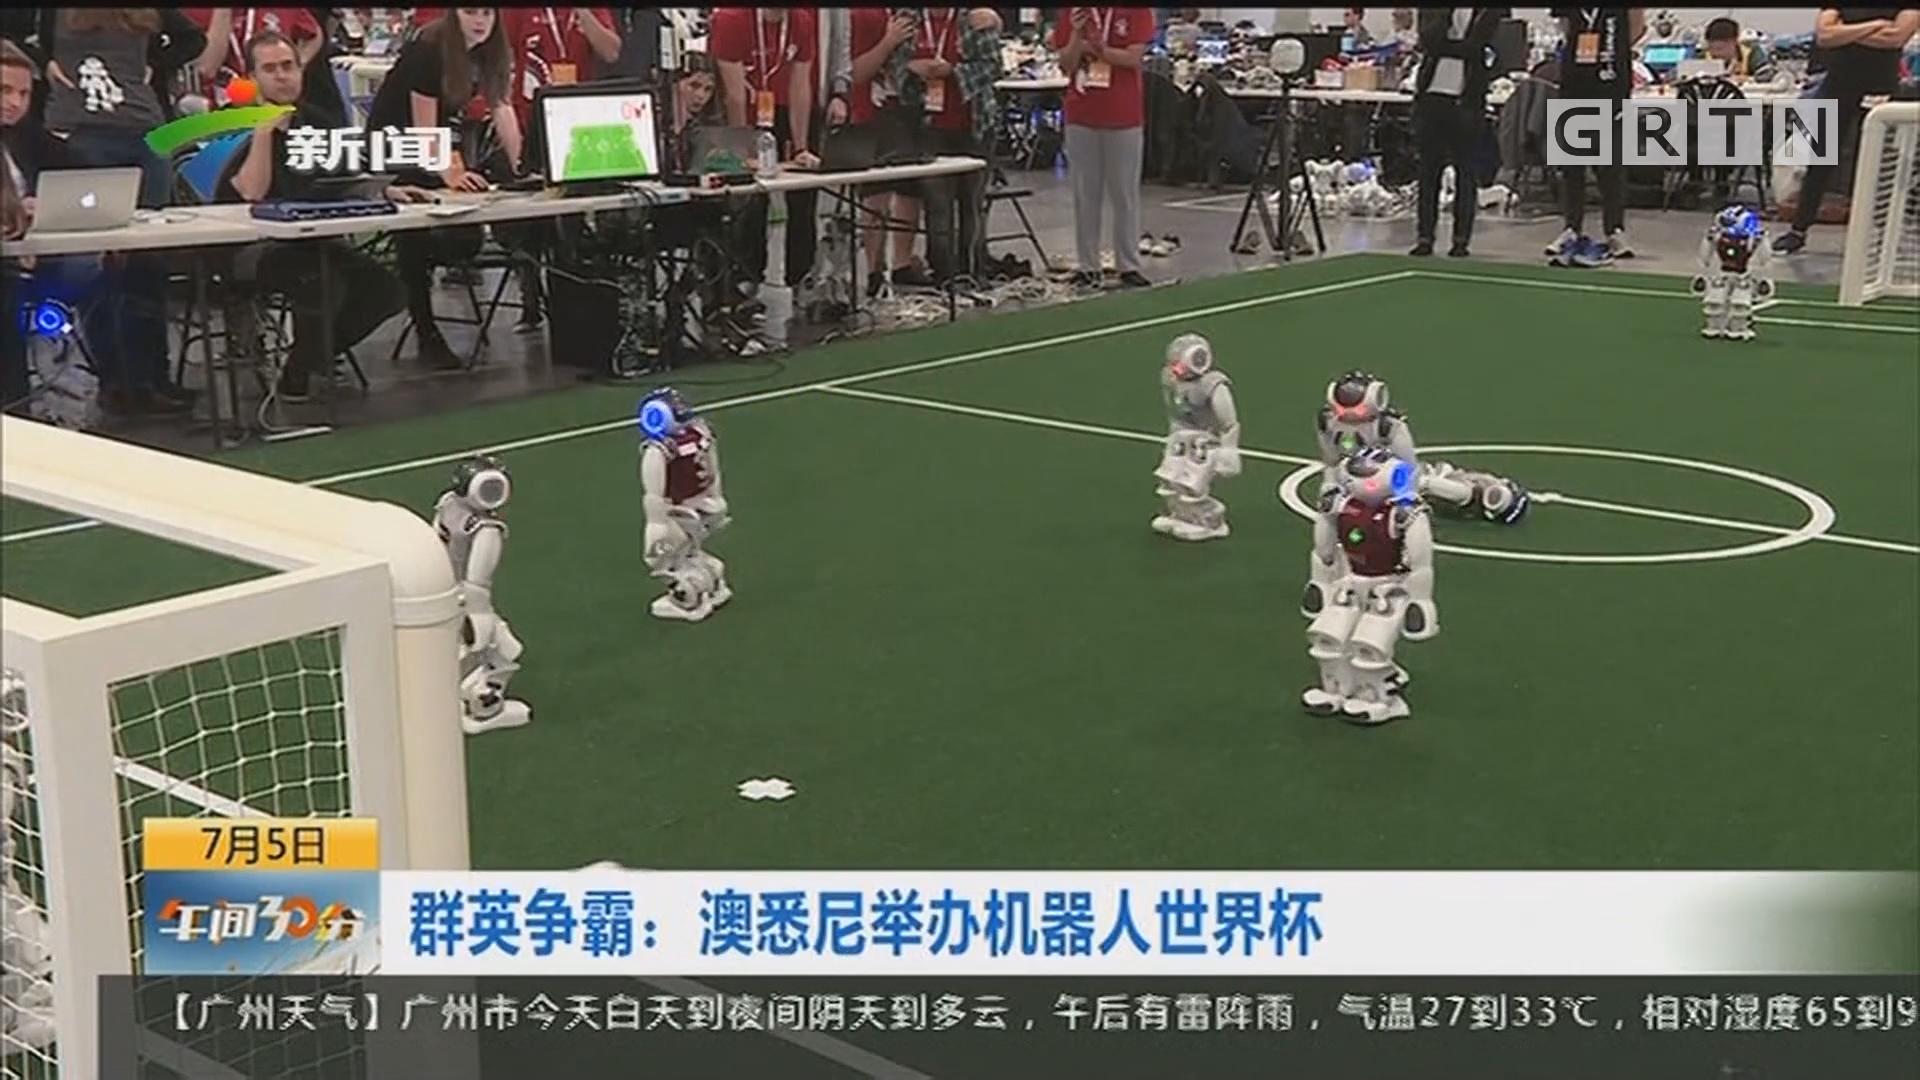 群英争霸:澳悉尼举办机器人世界杯